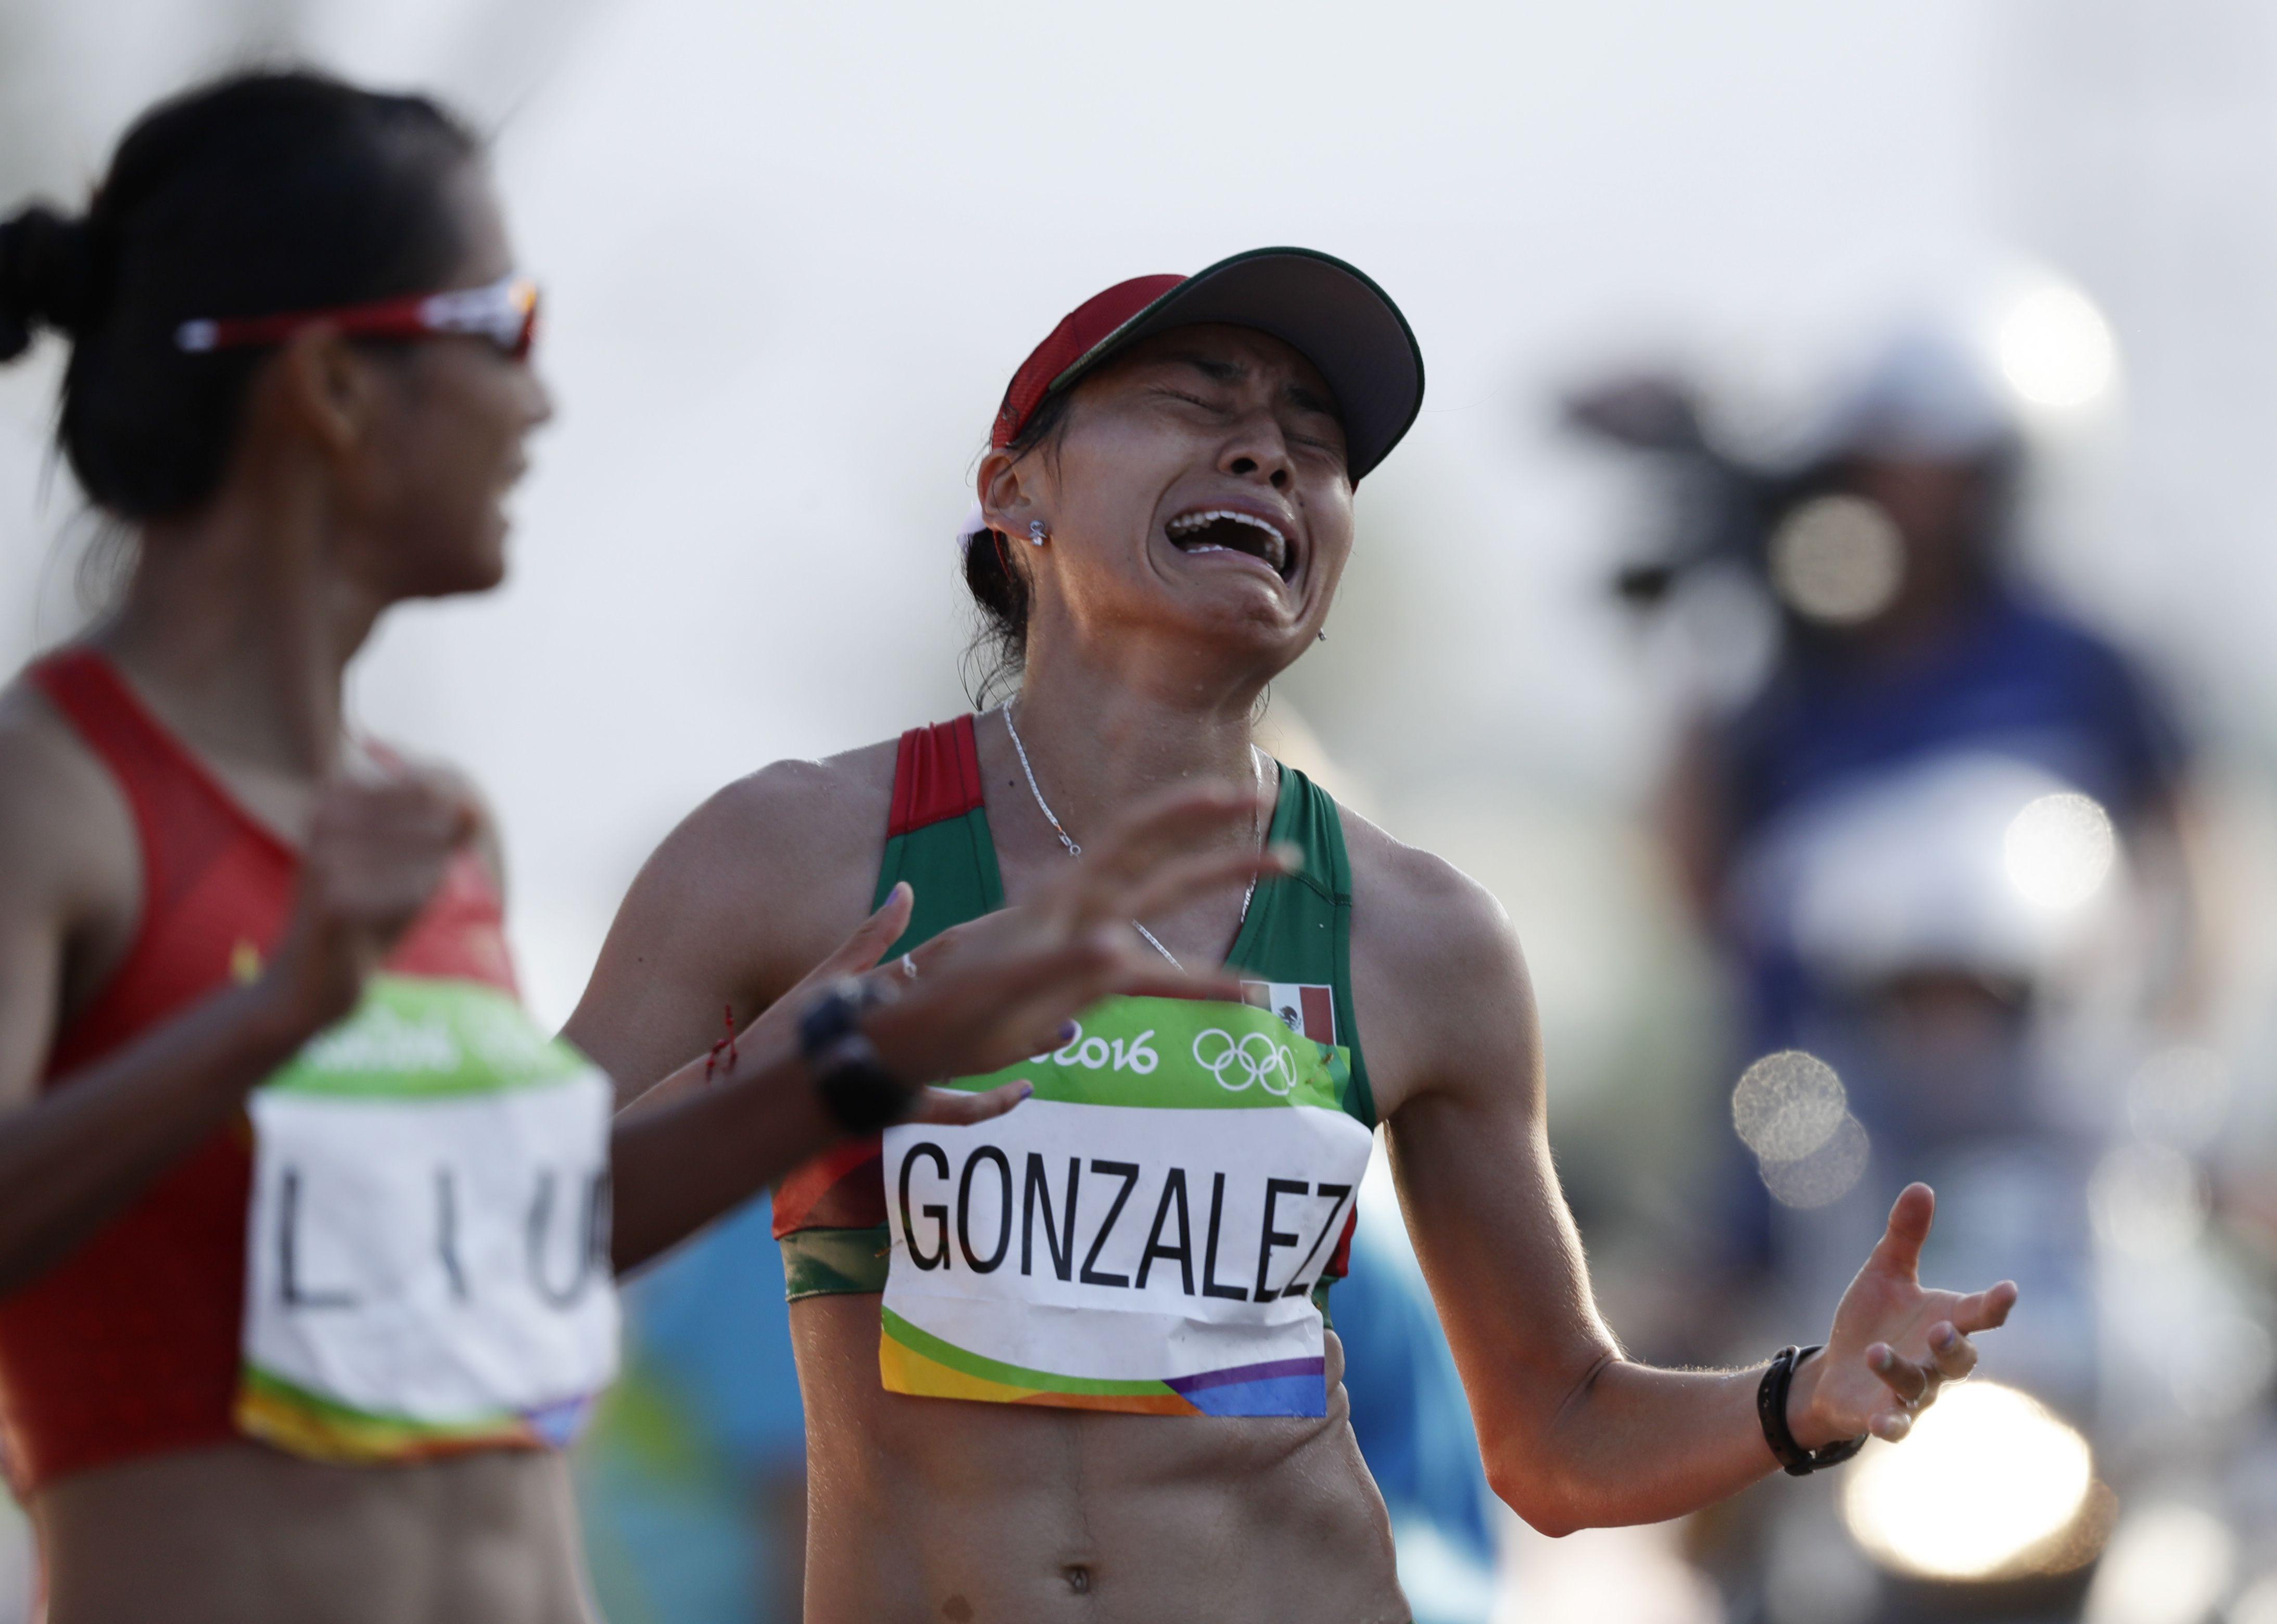 La mexicana Guadalupe González reacciona luego de conseguir la medalla de plata en la marcha de 20 kilómetros en los Juegos Olímpicos de Río de Janeiro. Foto de AP.